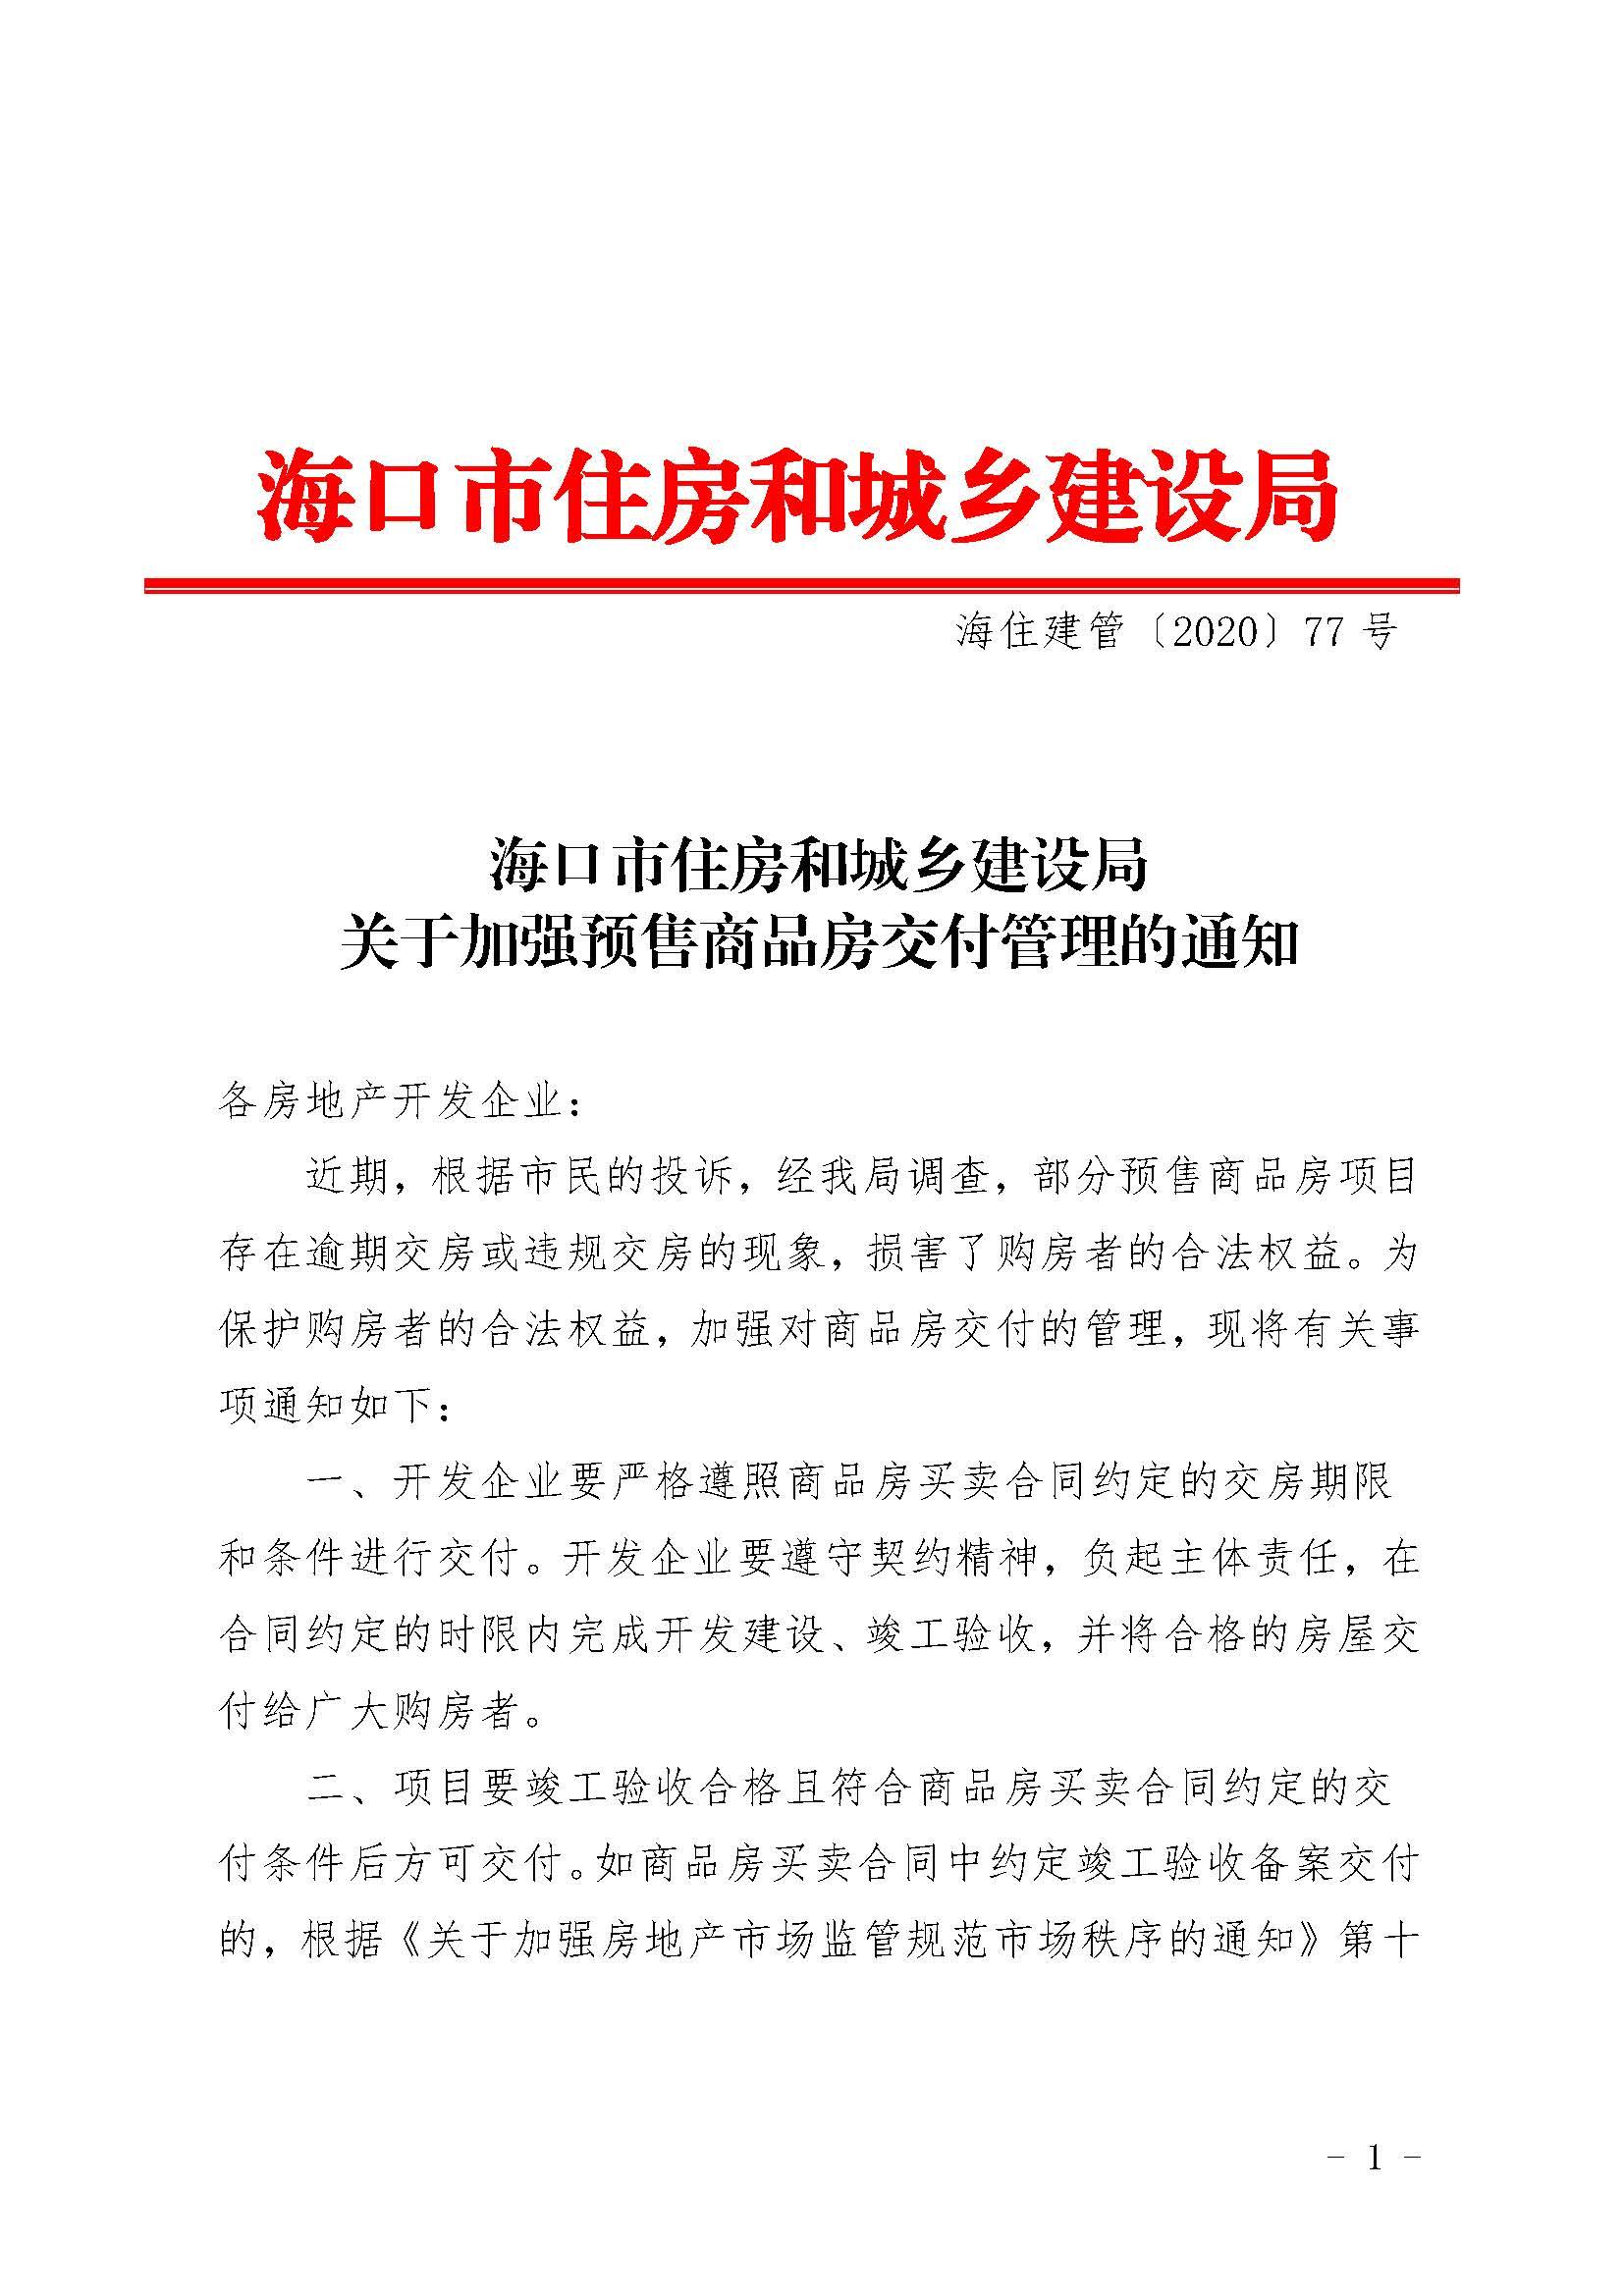 海口发布新规 :逾期交房将计入房企不良行为记录-中国网地产